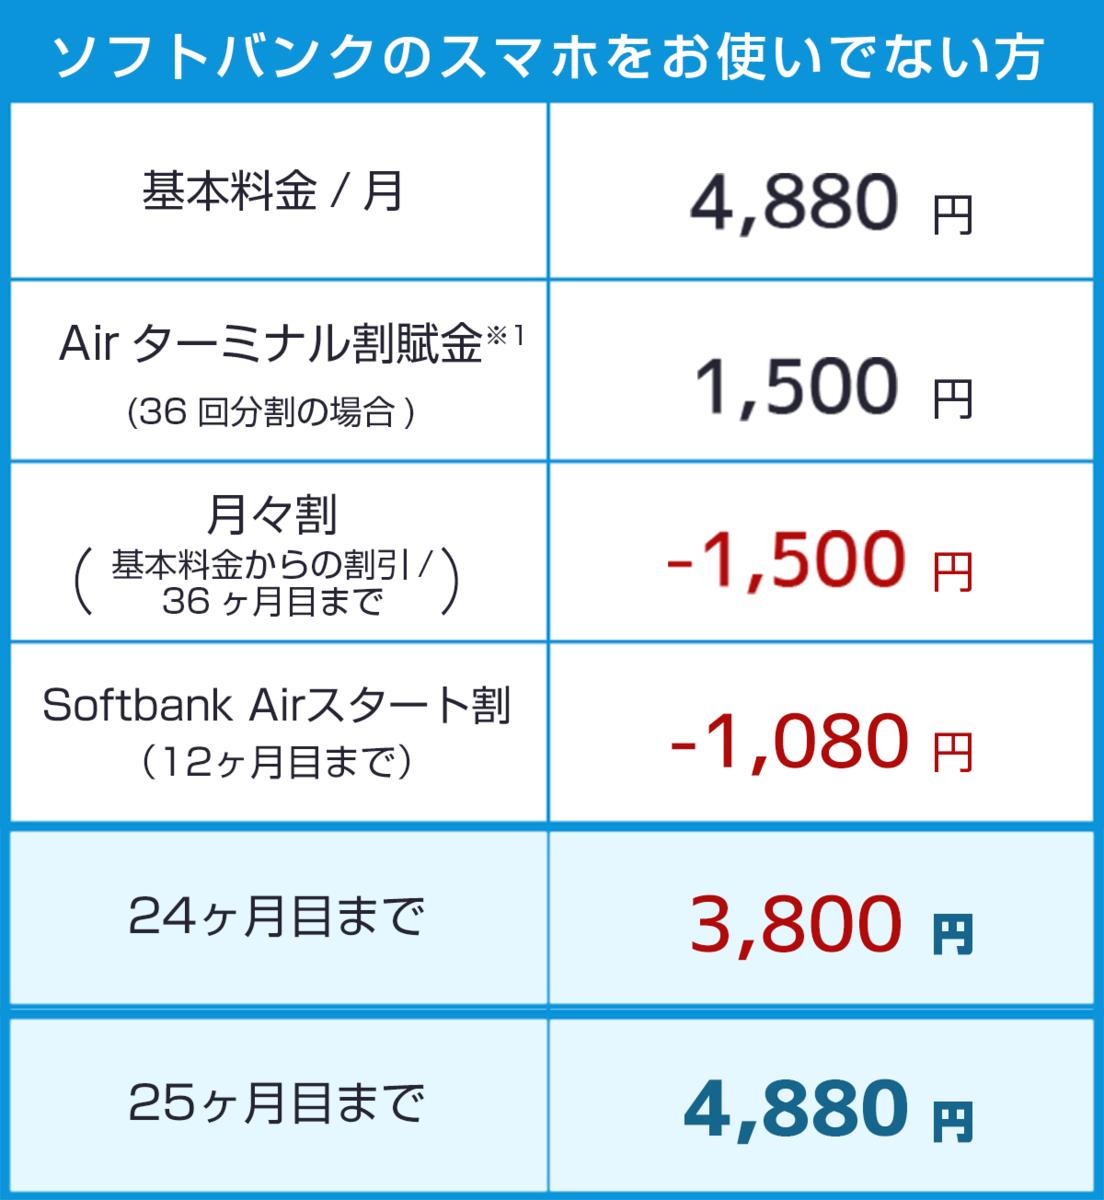 f:id:yokosai:20190725204244p:plain